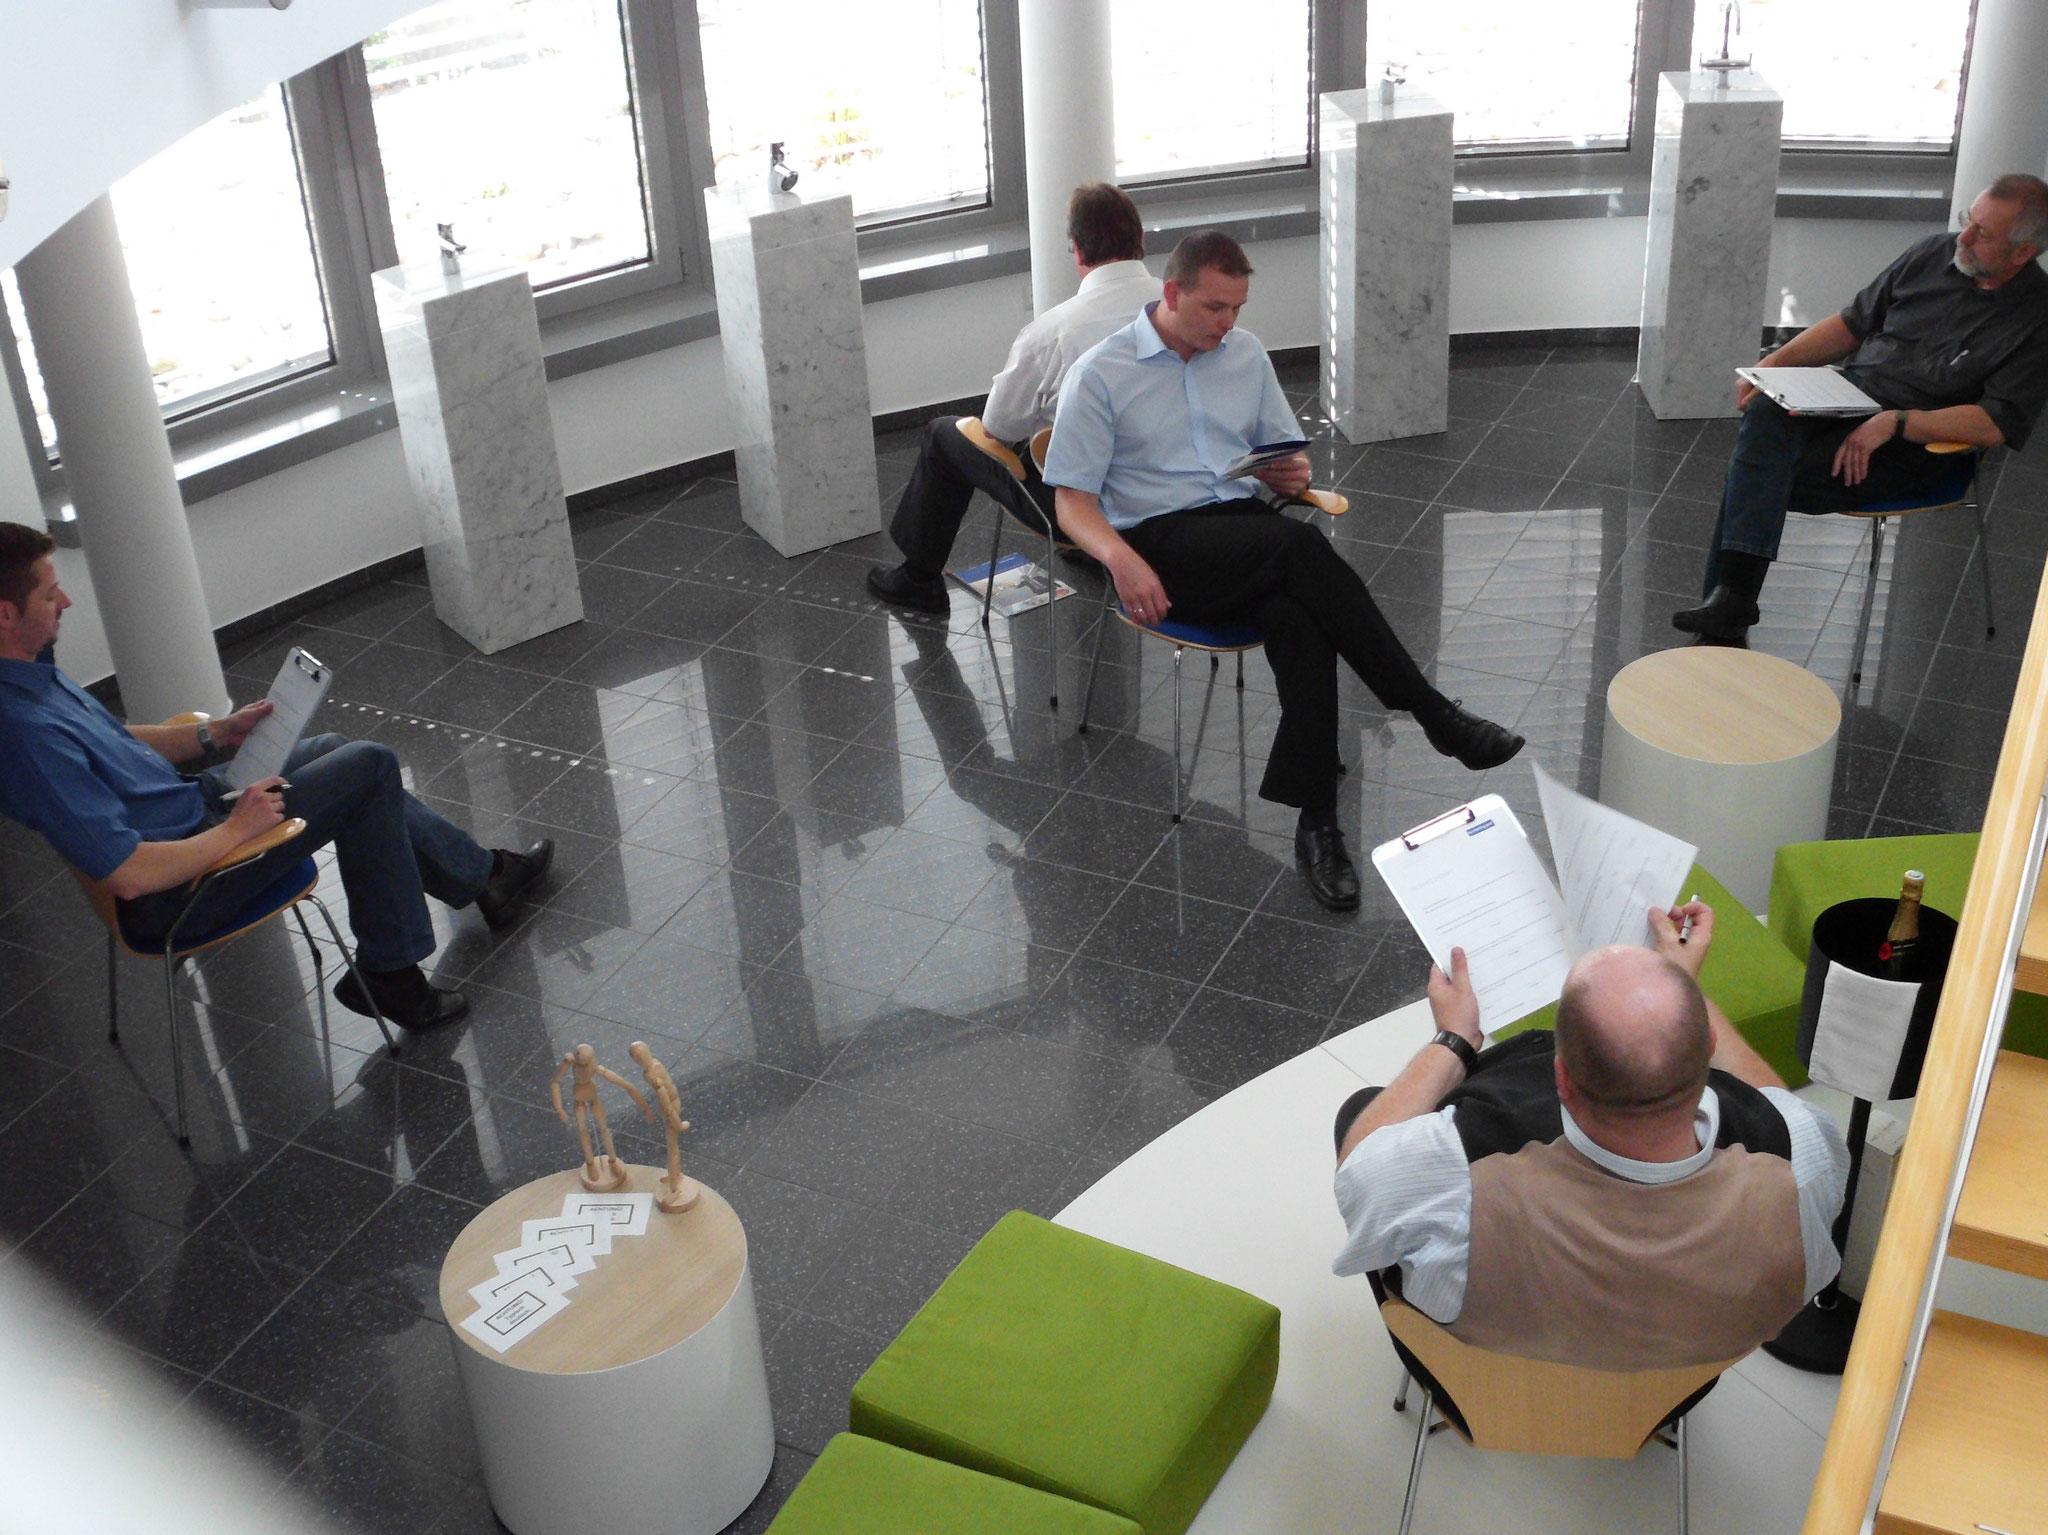 Tangram-Kommunikation als Führungsaufgabe mit Beobachtern und Supervisor